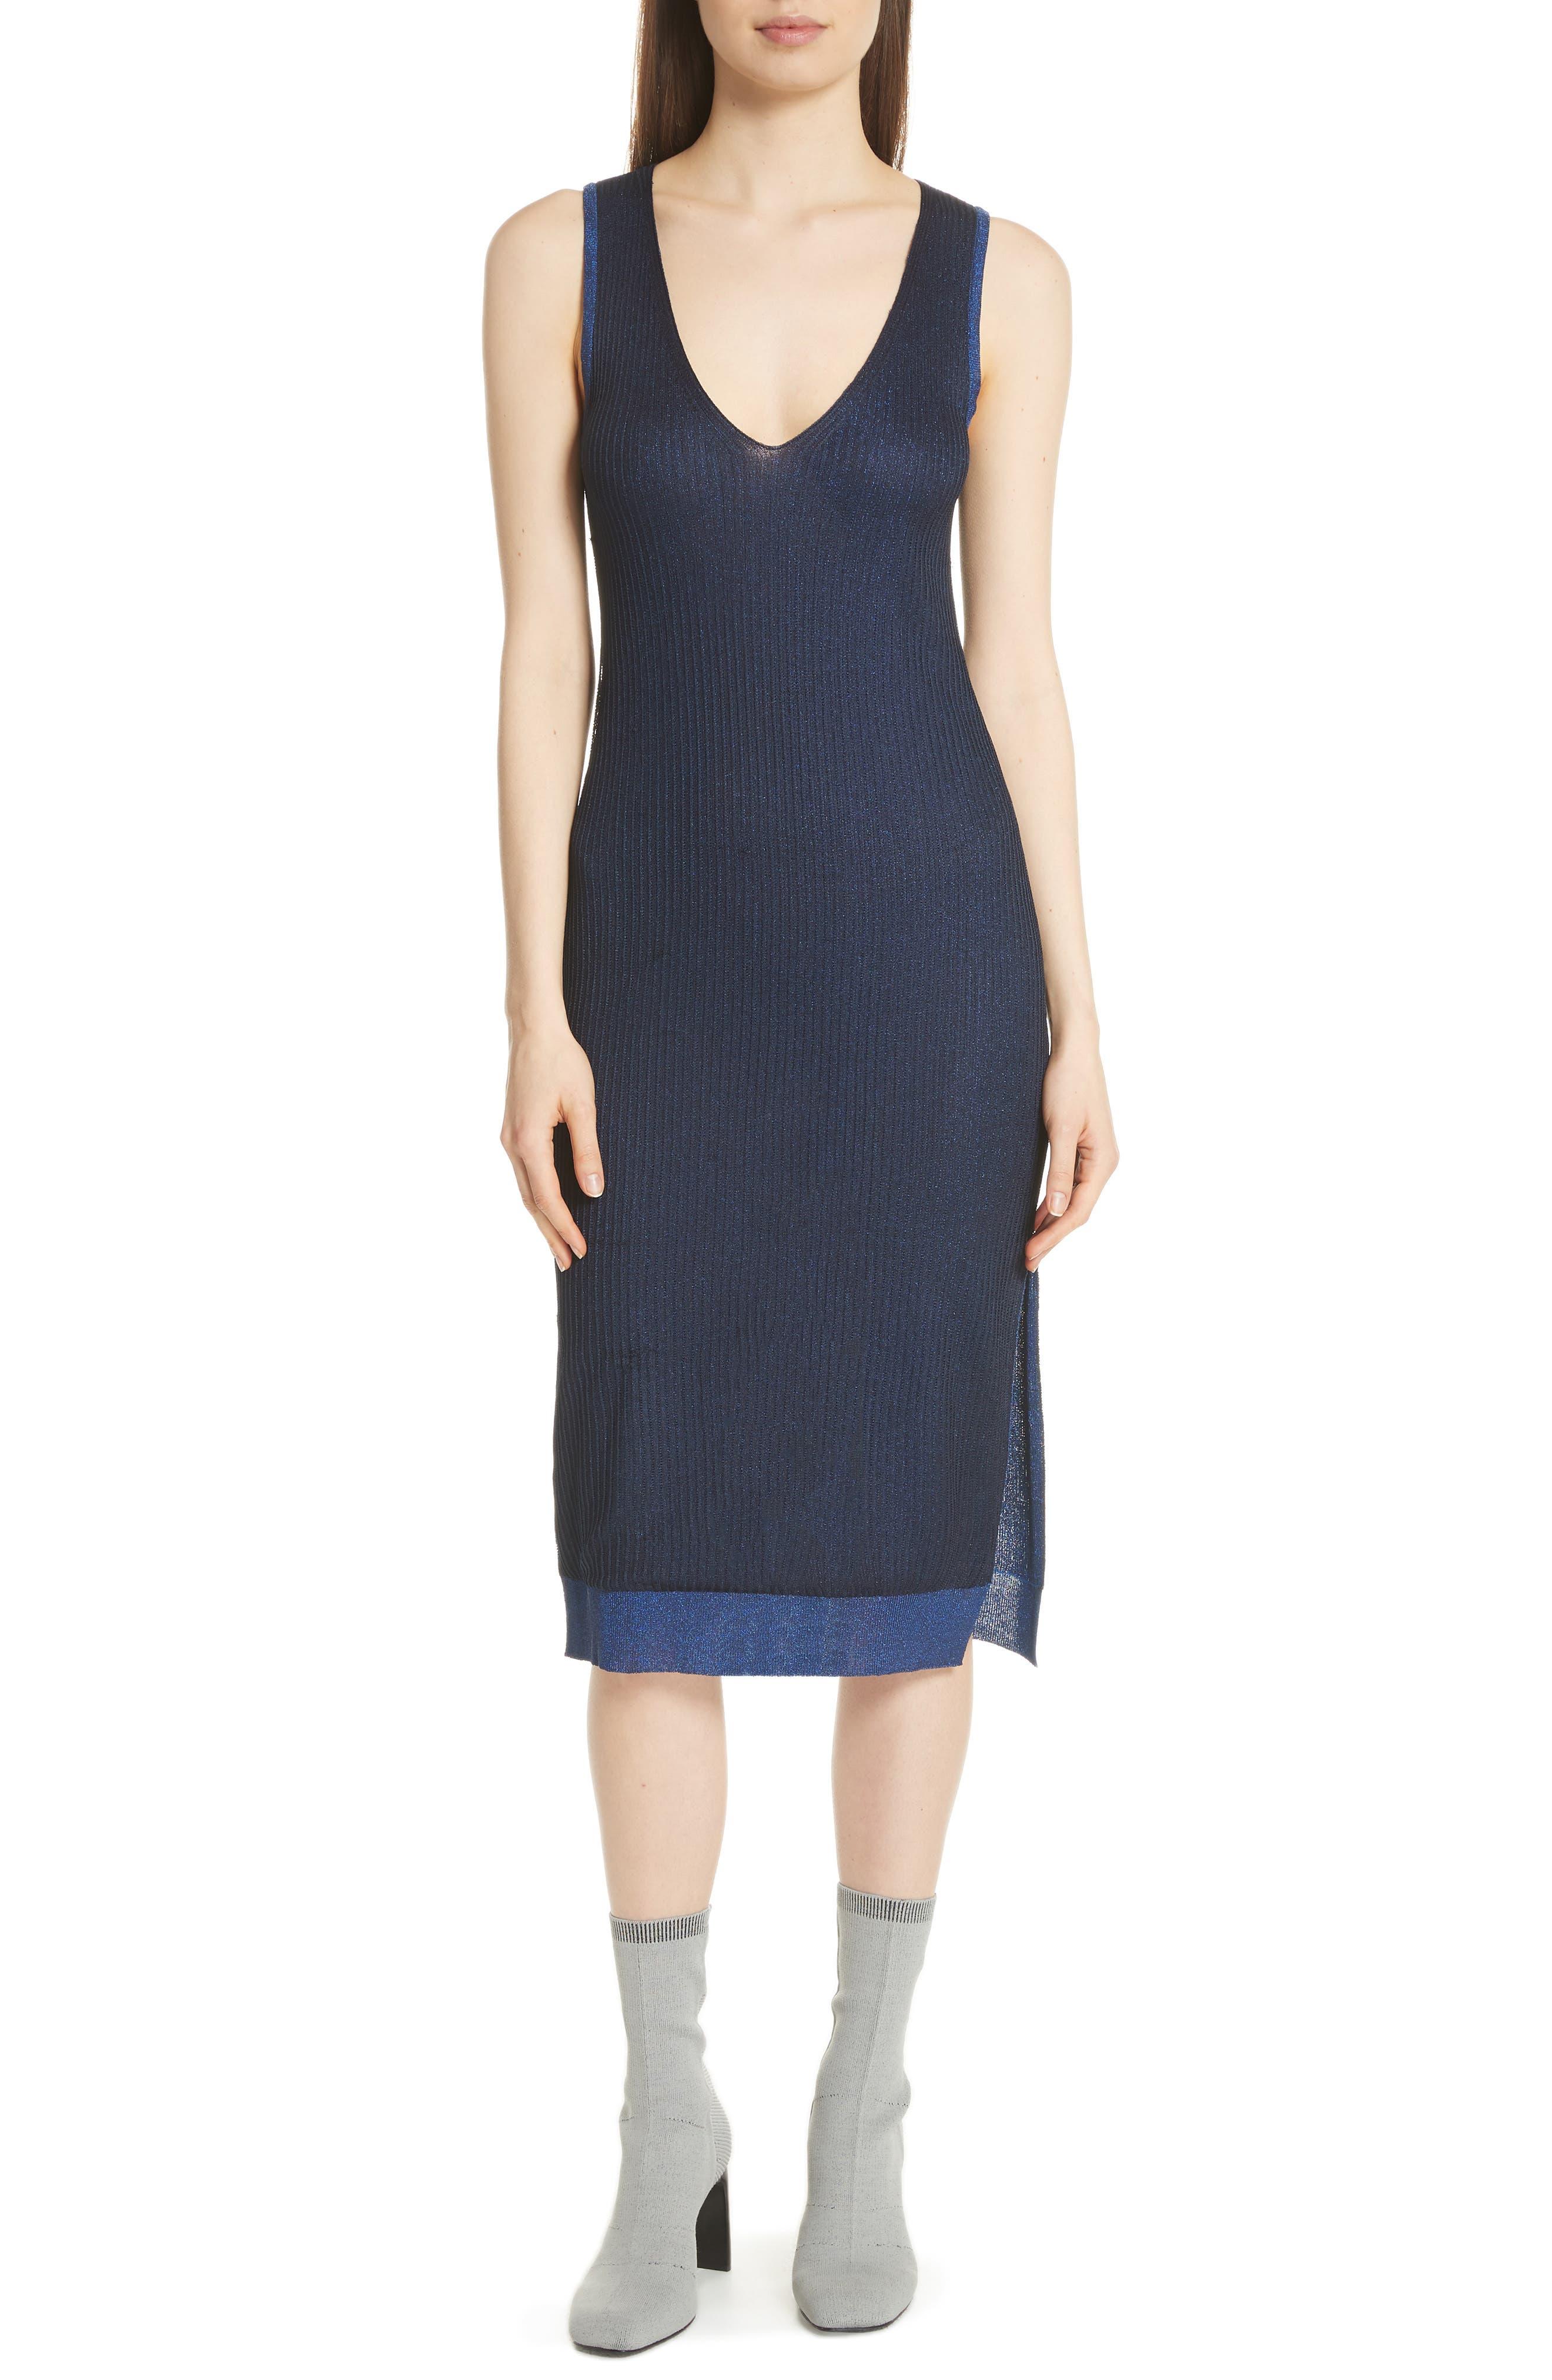 Cora Ribbed Dress,                             Main thumbnail 1, color,                             NAVY/ BLUE